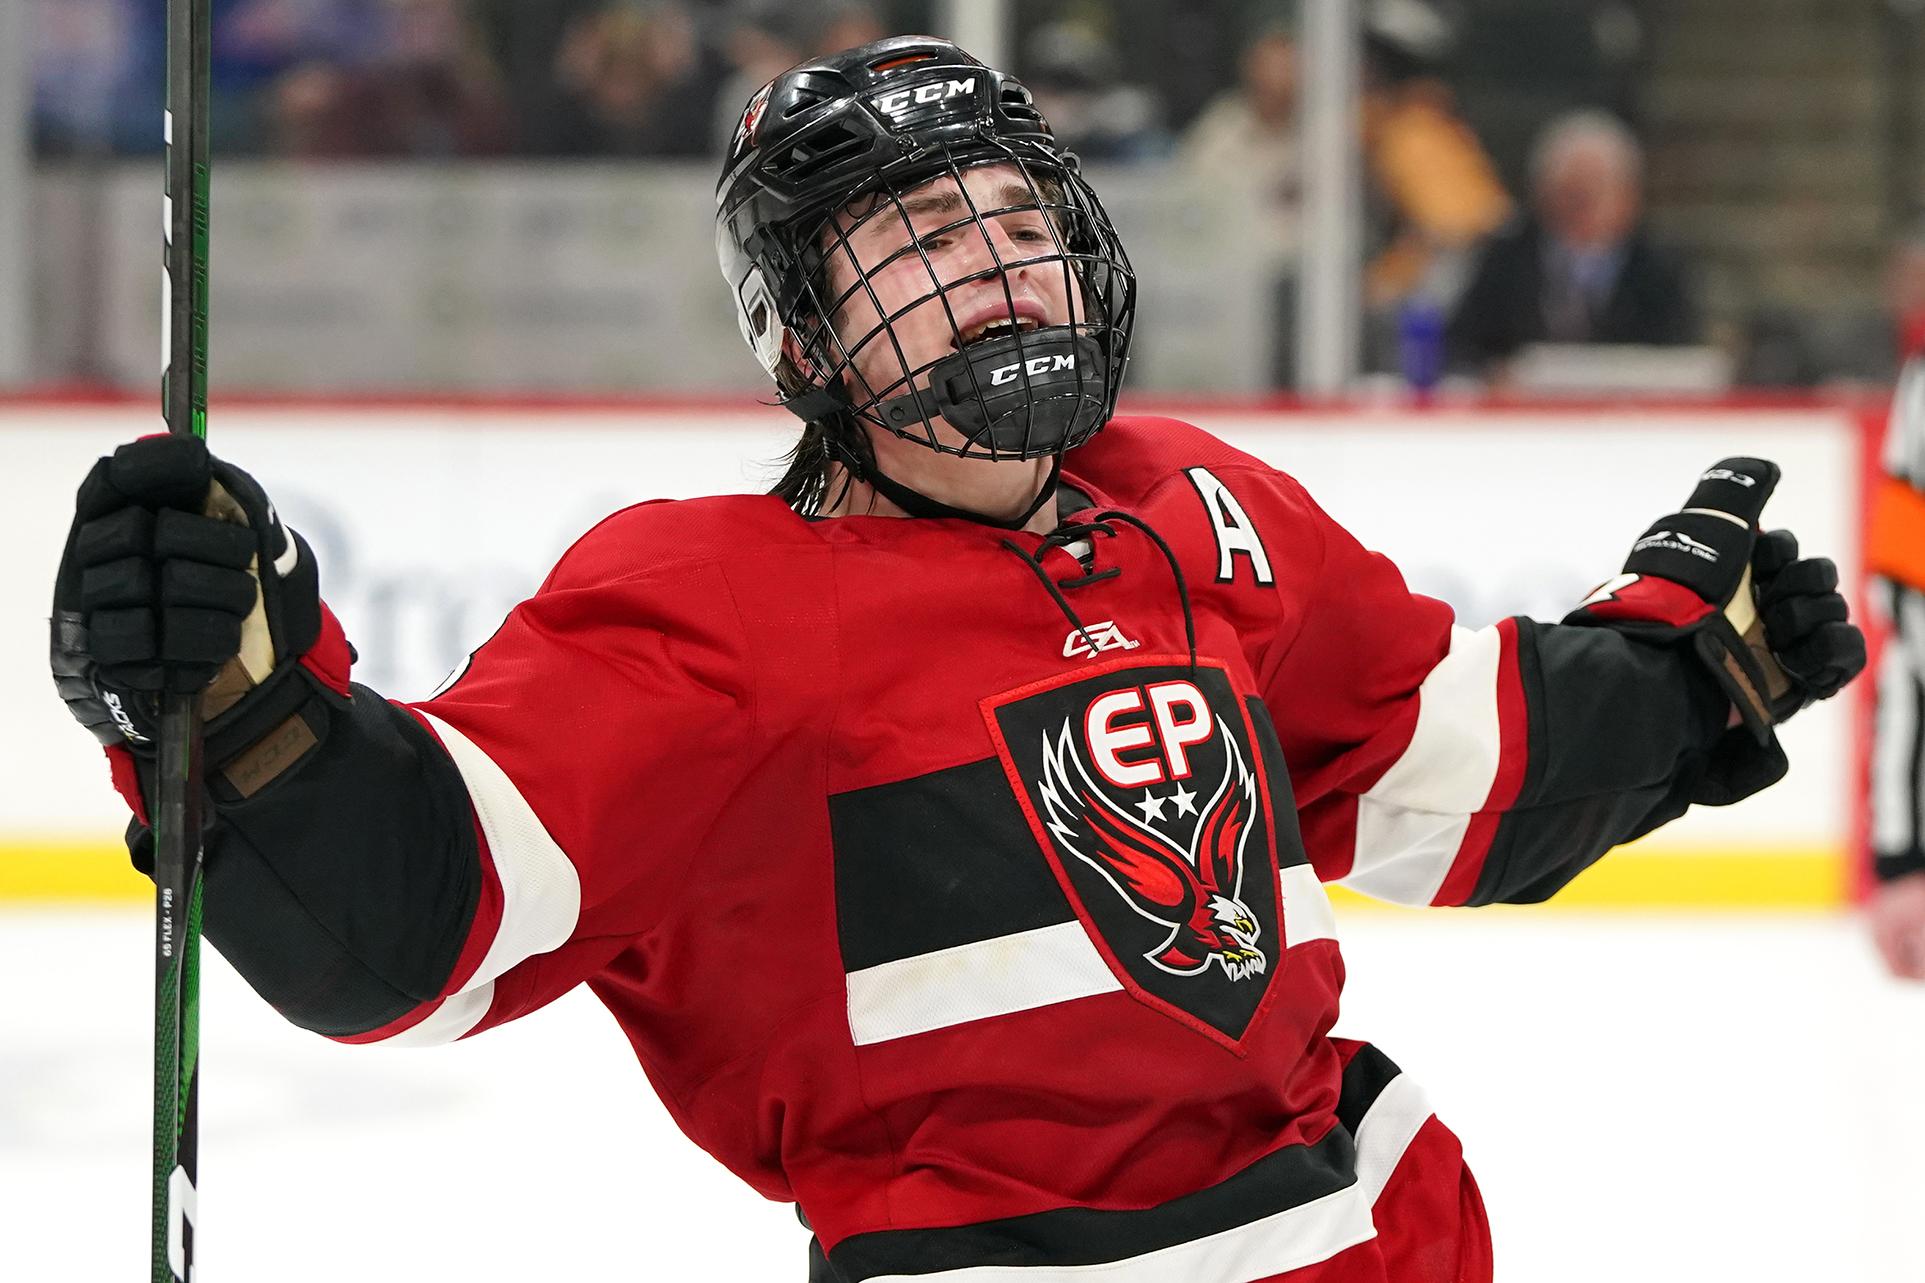 2020-03-06 EP Boys Hockey vs Blake RSO05587 1.6 MB 8